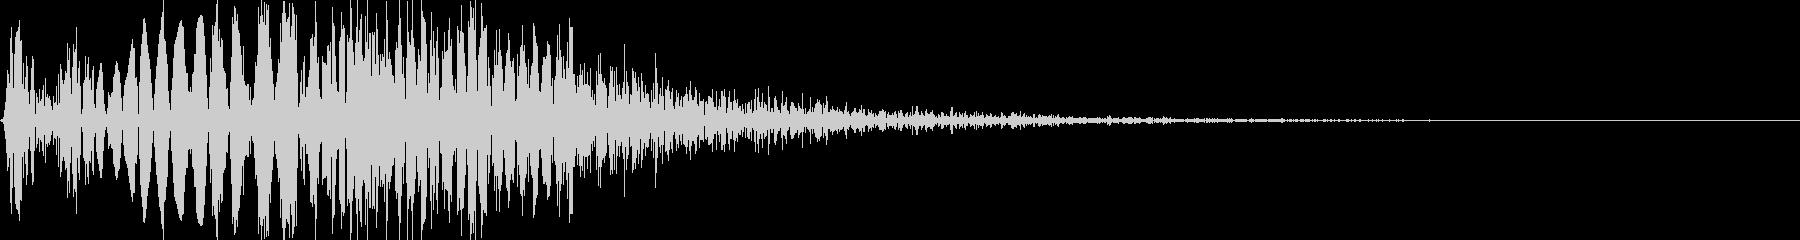 ゲーム・バラエティ的なパンチ音_04の未再生の波形